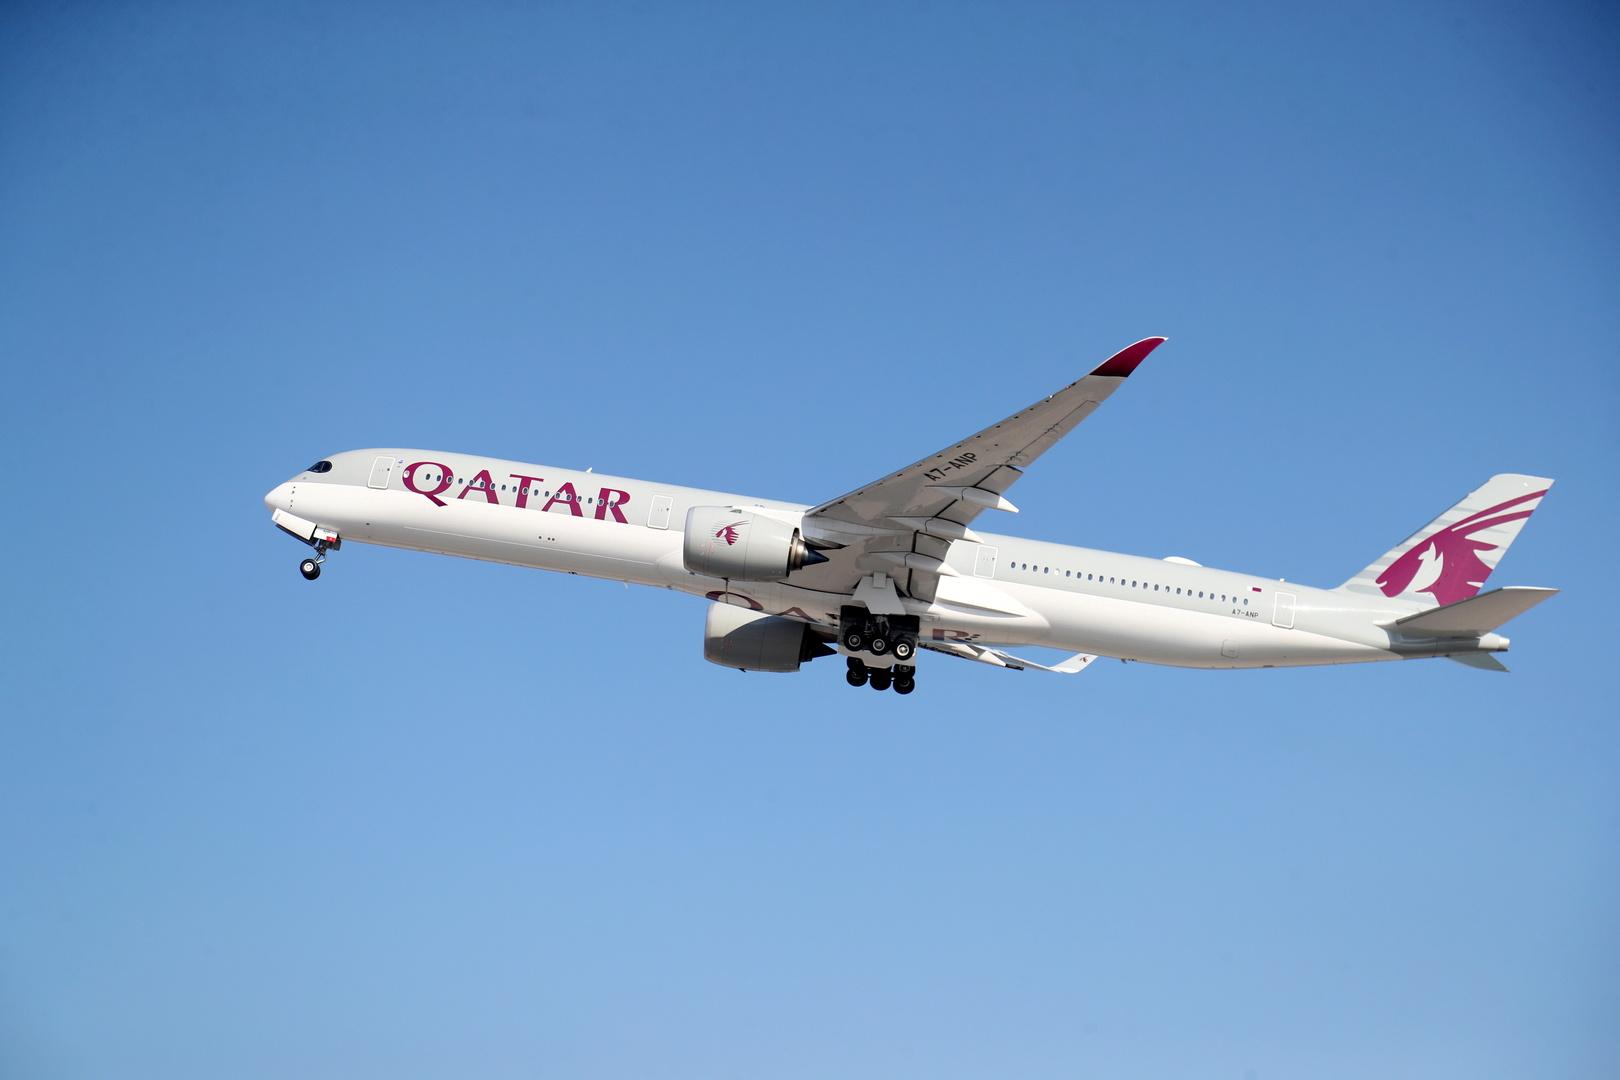 الخطوط القطرية: المسافرون من الأردن سيحظون بخيارات سفر أكثر إلى ما يزيد على 140 وجهة عالميا